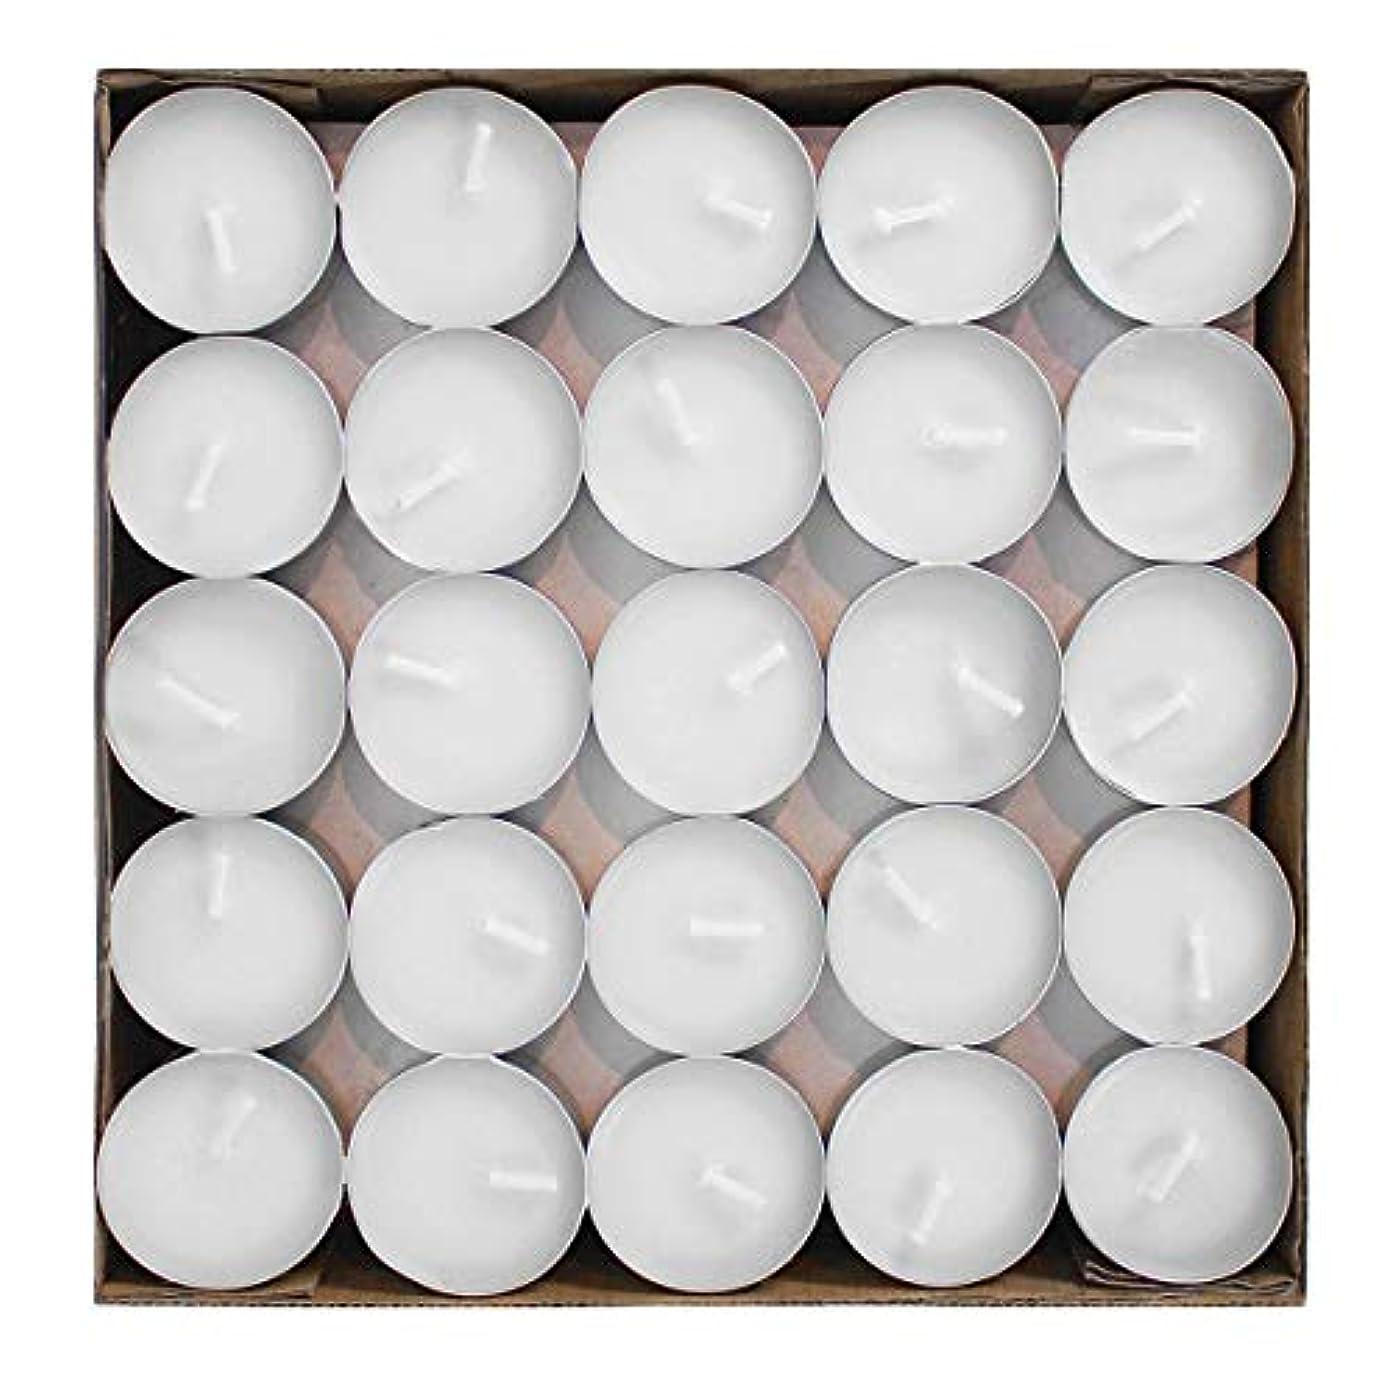 寝る前に迅速Hwagui ろうそく お茶アロマ キャンドル アロマ キャンドル ロウソク 人気 香り 約1.5-2時間 50個 ZH004